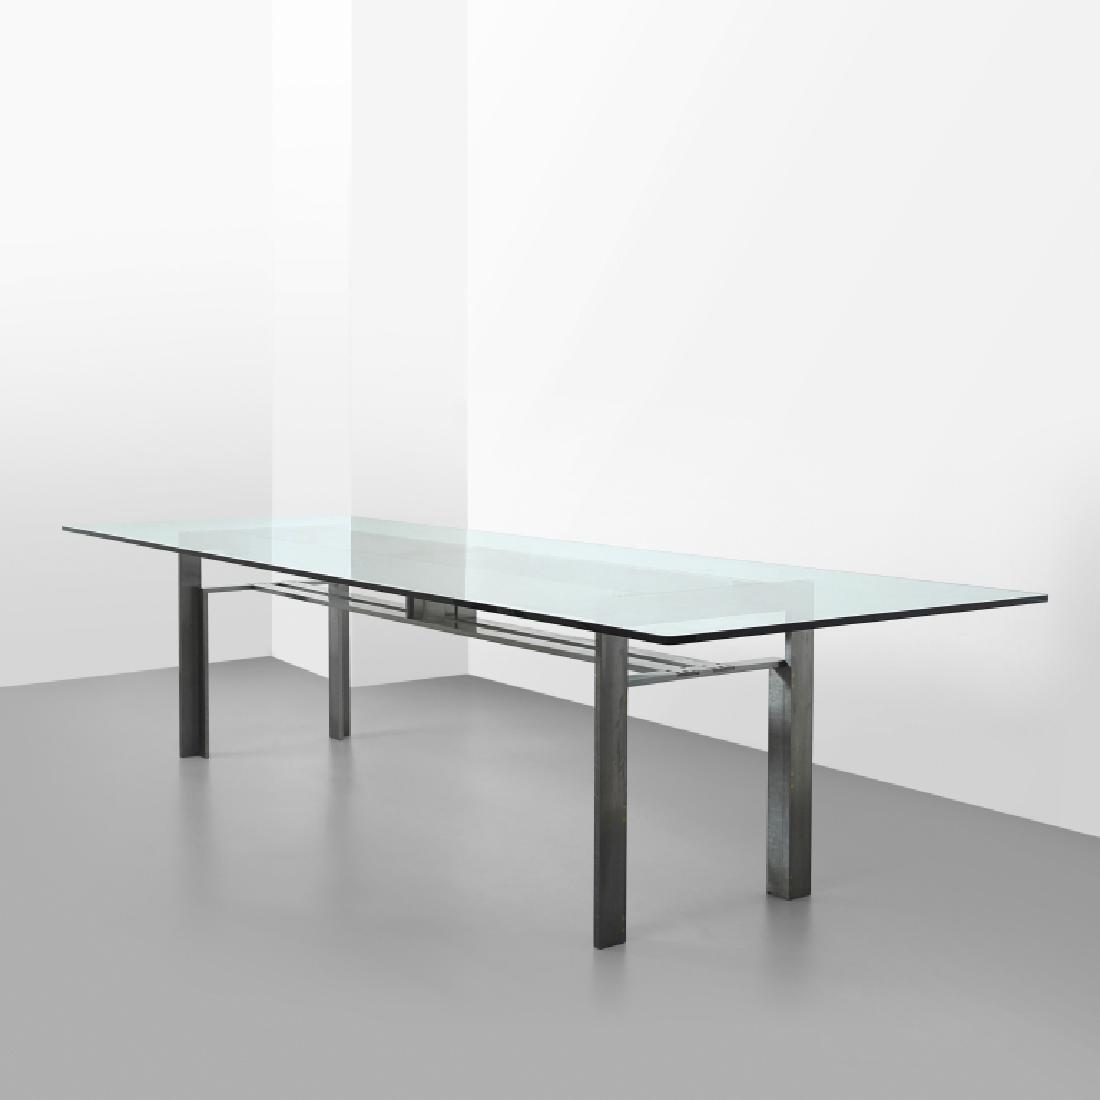 CARLO SCARPA Un tavolo 'Doge' per SIMON, 1969.